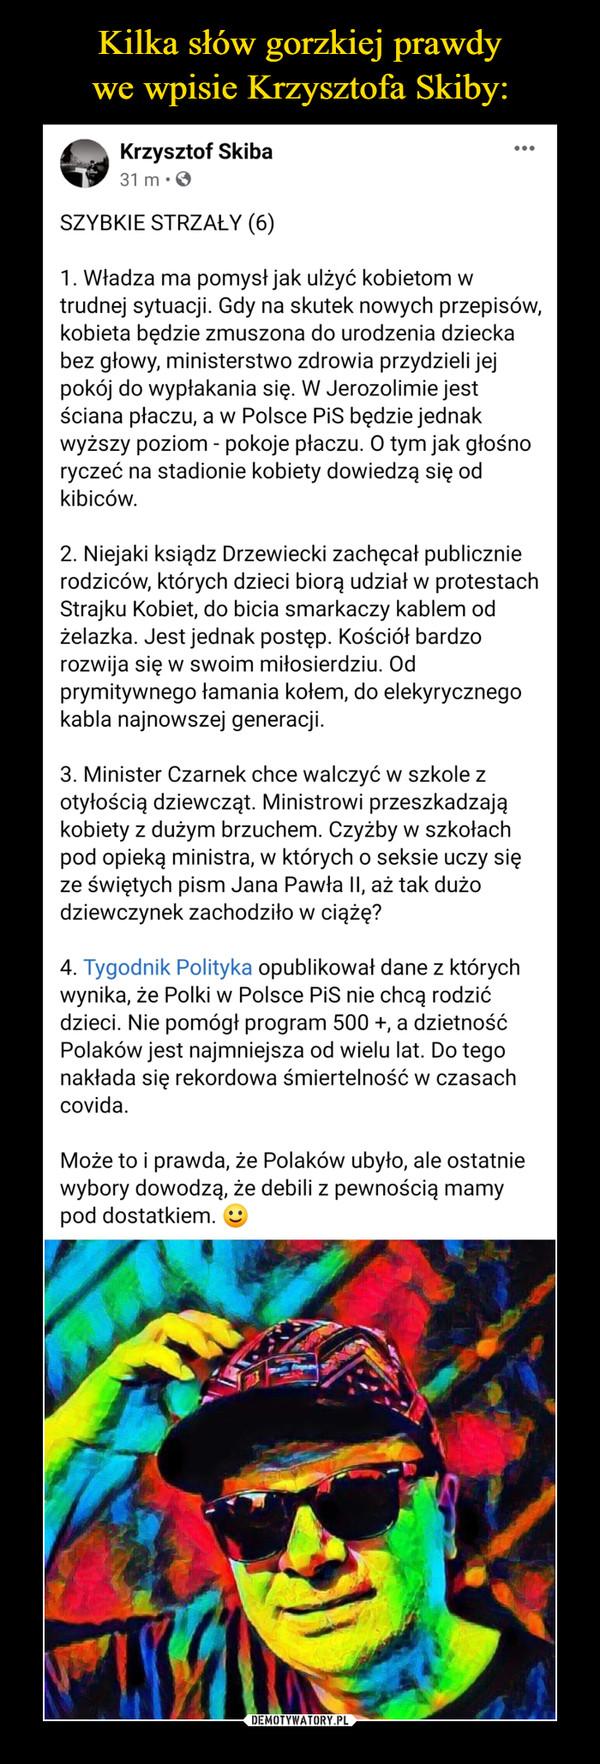 –  SZYBKIE STRZAŁY (6)1. Władza ma pomysł jak ulżyć kobietom w trudnej sytuacji. Gdy na skutek nowych przepisów, kobieta będzie zmuszona do urodzenia dziecka bez głowy, ministerstwo zdrowia przydzieli jej pokój do wypłakania się. W Jerozolimie jest ściana płaczu, a w Polsce PiS będzie jednak wyższy poziom - pokoje płaczu. O tym jak głośno ryczeć na stadionie kobiety dowiedzą się od kibiców. 2. Niejaki ksiądz Drzewiecki zachęcał publicznie rodziców, których dzieci biorą udział w protestach Strajku Kobiet, do bicia smarkaczy kablem od żelazka. Jest jednak postęp. Kościół bardzo rozwija się w swoim miłosierdziu. Od prymitywnego łamania kołem, do elekyrycznego kabla najnowszej generacji. 3. Minister Czarnek chce walczyć w szkole z otyłością dziewcząt. Ministrowi przeszkadzają kobiety z dużym brzuchem. Czyżby w szkołach pod opieką ministra, w których o seksie uczy się ze świętych pism Jana Pawła II, aż tak dużo dziewczynek zachodziło w ciążę? 4. Tygodnik Polityka opublikował dane z których wynika, że Polki w Polsce PiS nie chcą rodzić dzieci. Nie pomógł program 500 +, a dzietność Polaków jest najmniejsza od wielu lat. Do tego nakłada się rekordowa śmiertelność w czasach covida. Może to i prawda, że Polaków ubyło, ale ostatnie wybory dowodzą, że debili z pewnością mamy pod dostatkiem. :)